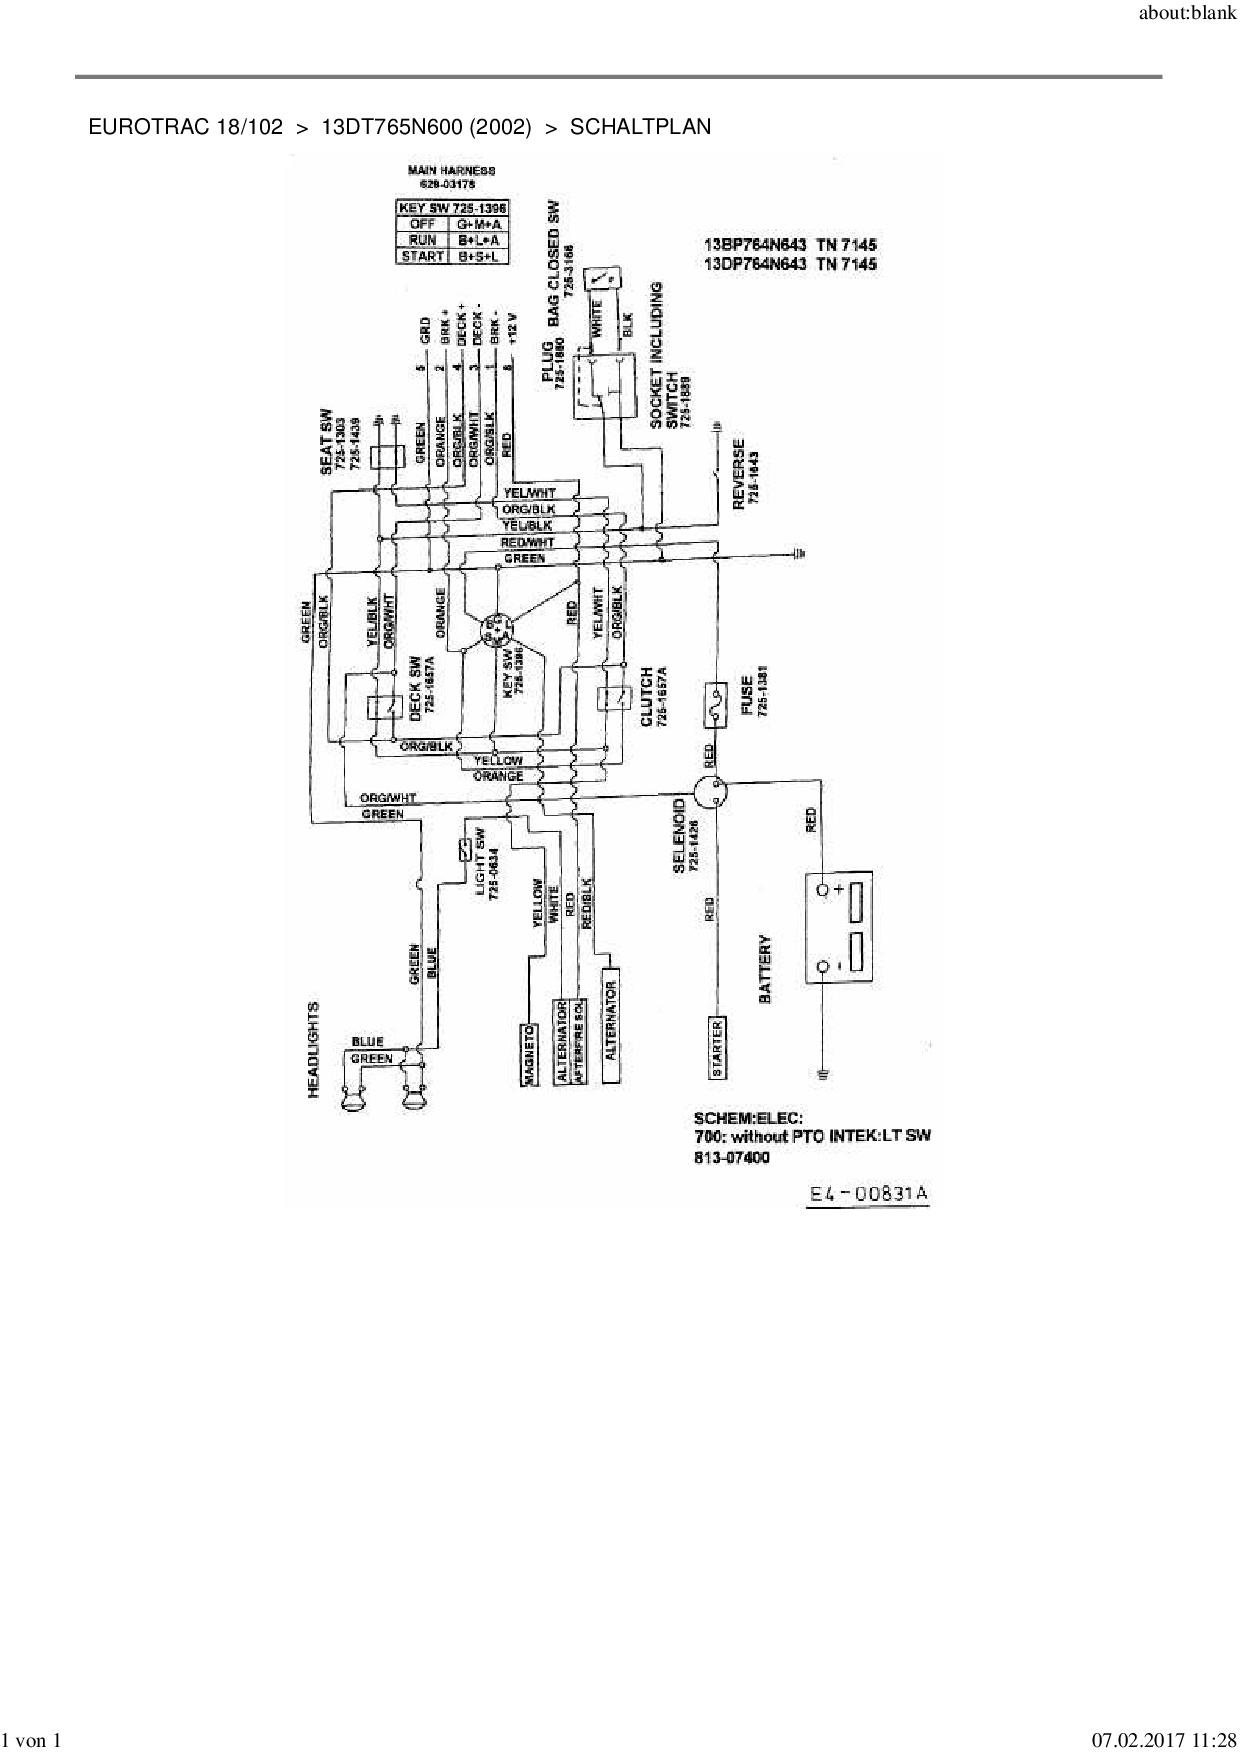 Ersatzteile von MTD Rasentraktor Eurotrac 18/102 aus der Zeichnung Sc